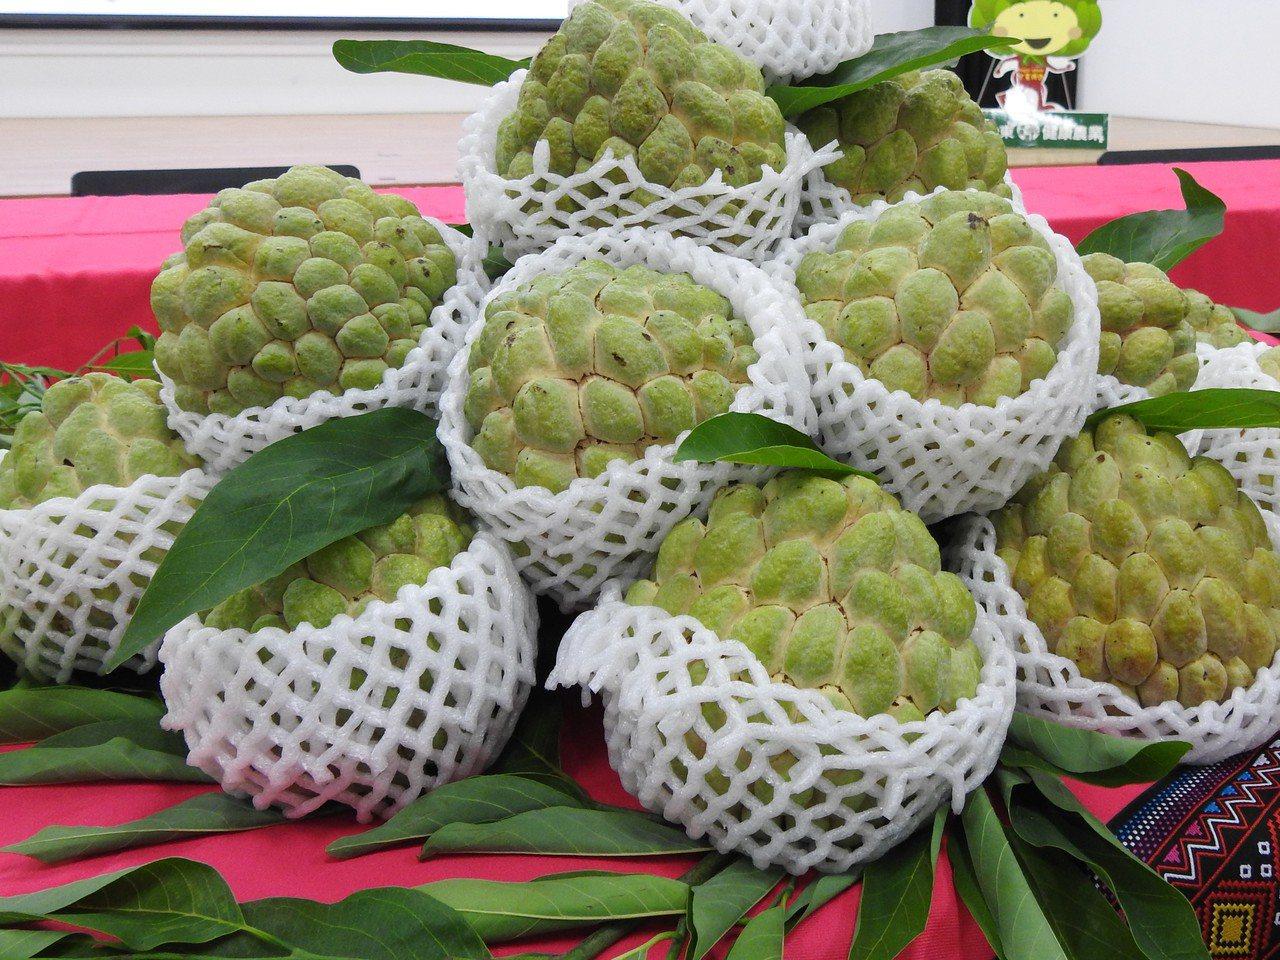 接近農曆年,目前正值台東釋迦產季,市場價格持續上揚中,也成為宵小覬覦的目標,縣府...